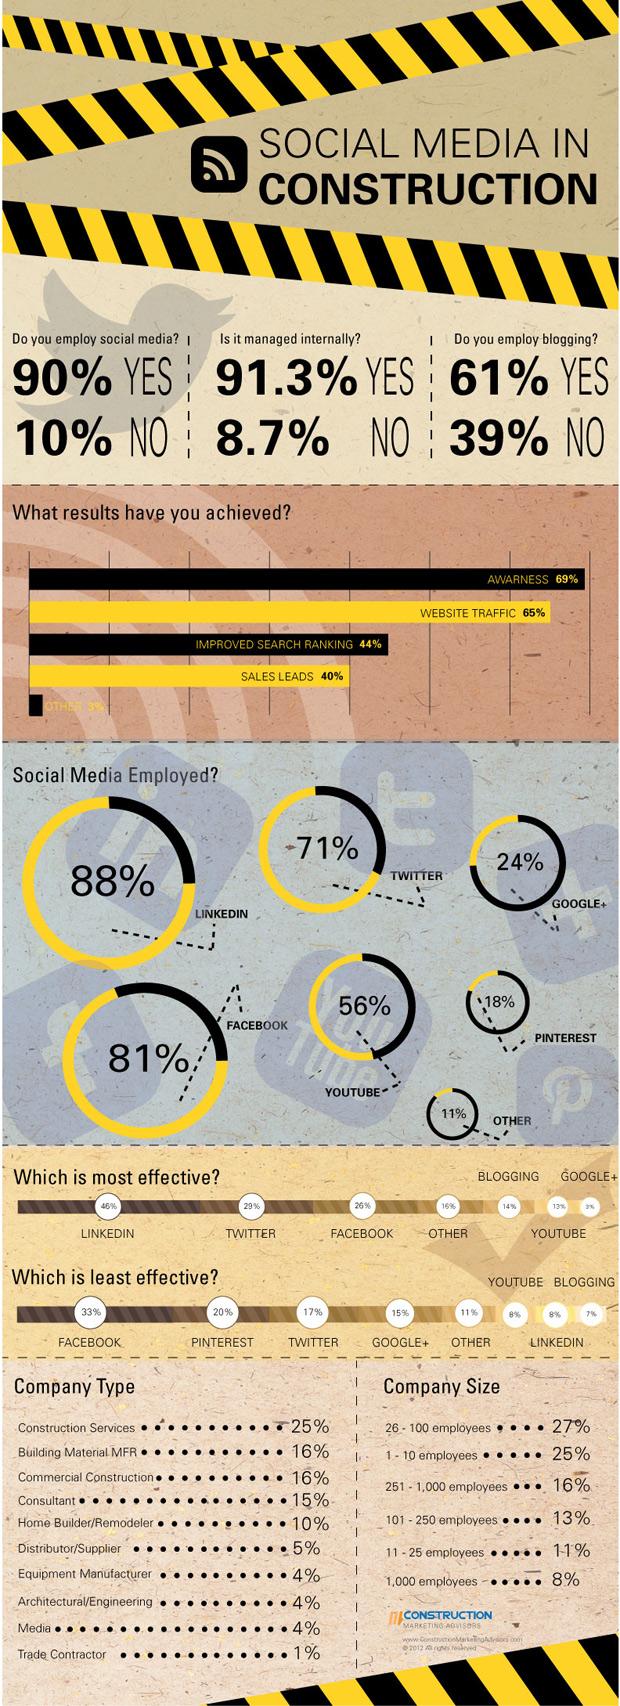 Construction Social Media